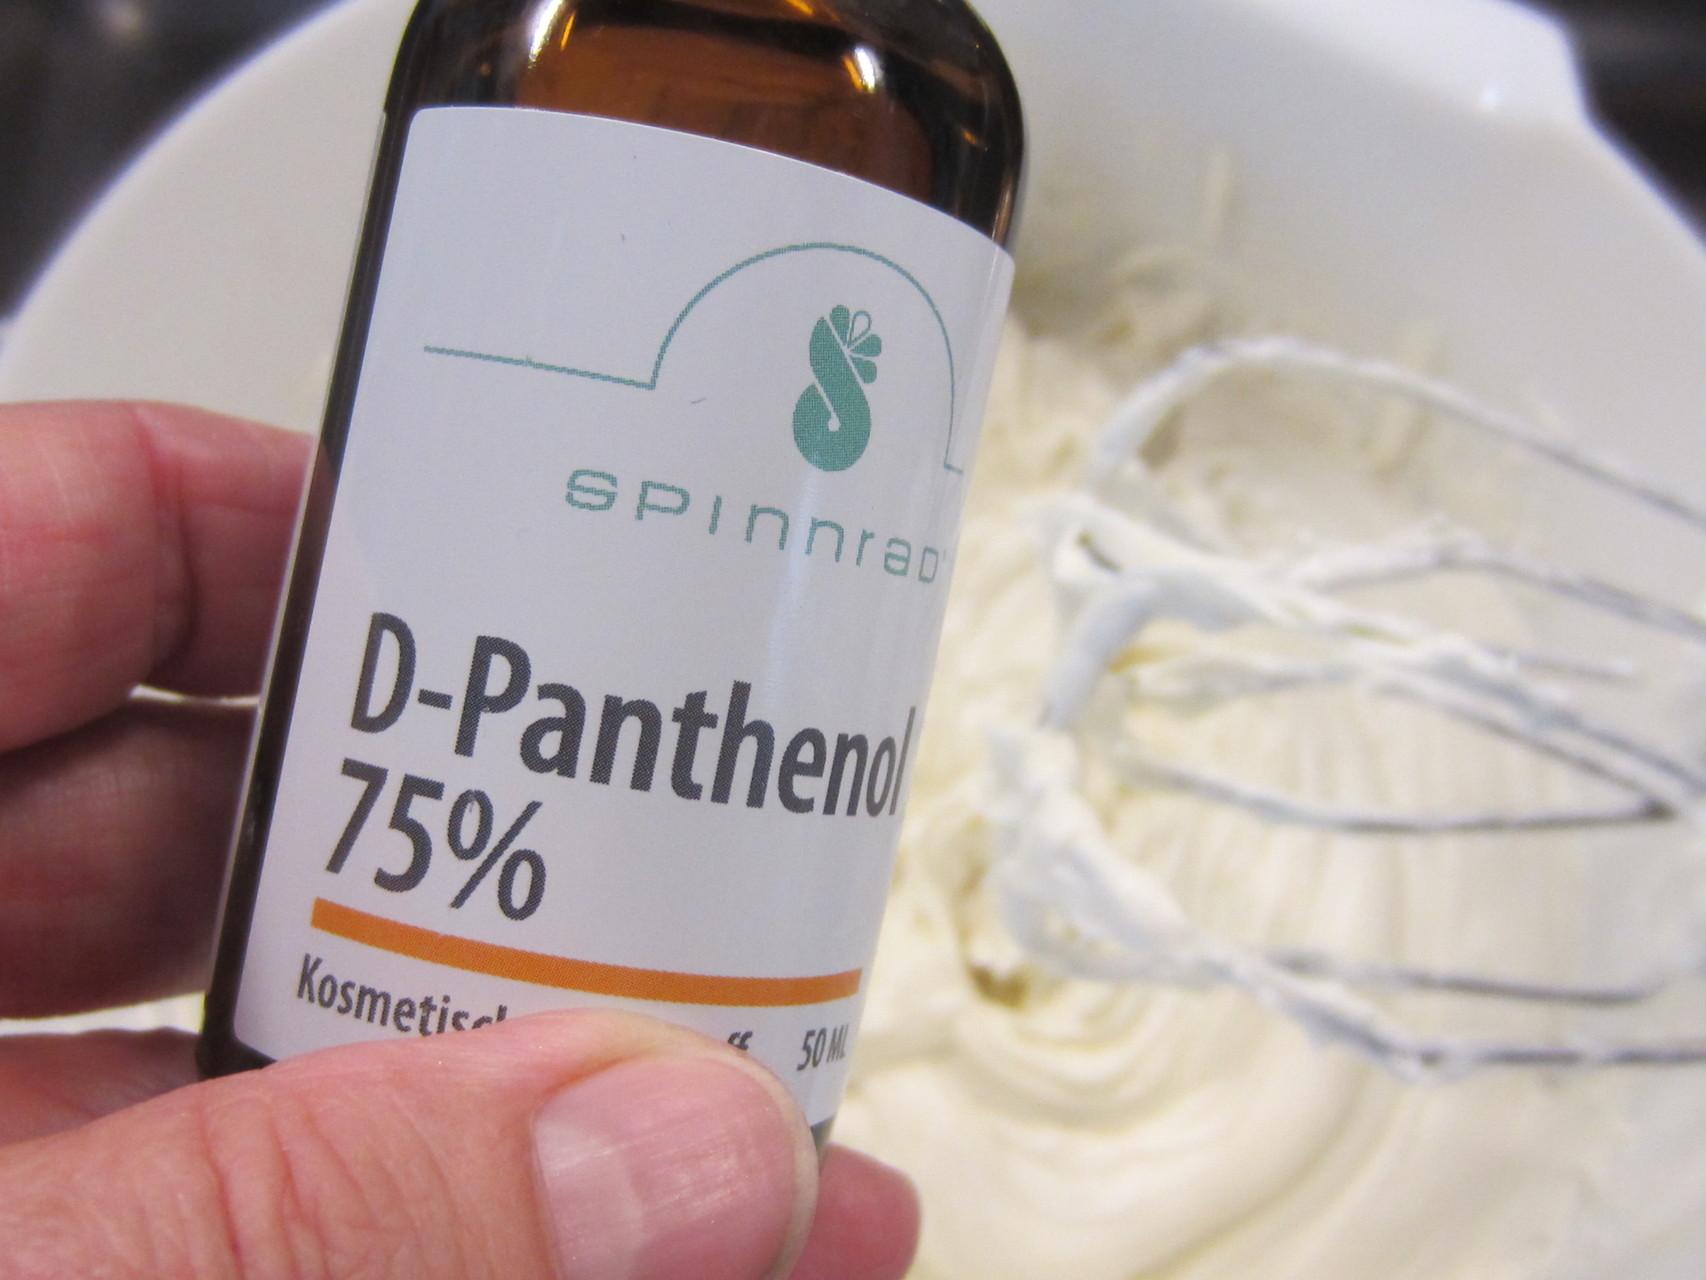 d-panthenol - wundheilende, feuchtigkeitserhaltende, entzündungshemmende und regenerierende Wirkung